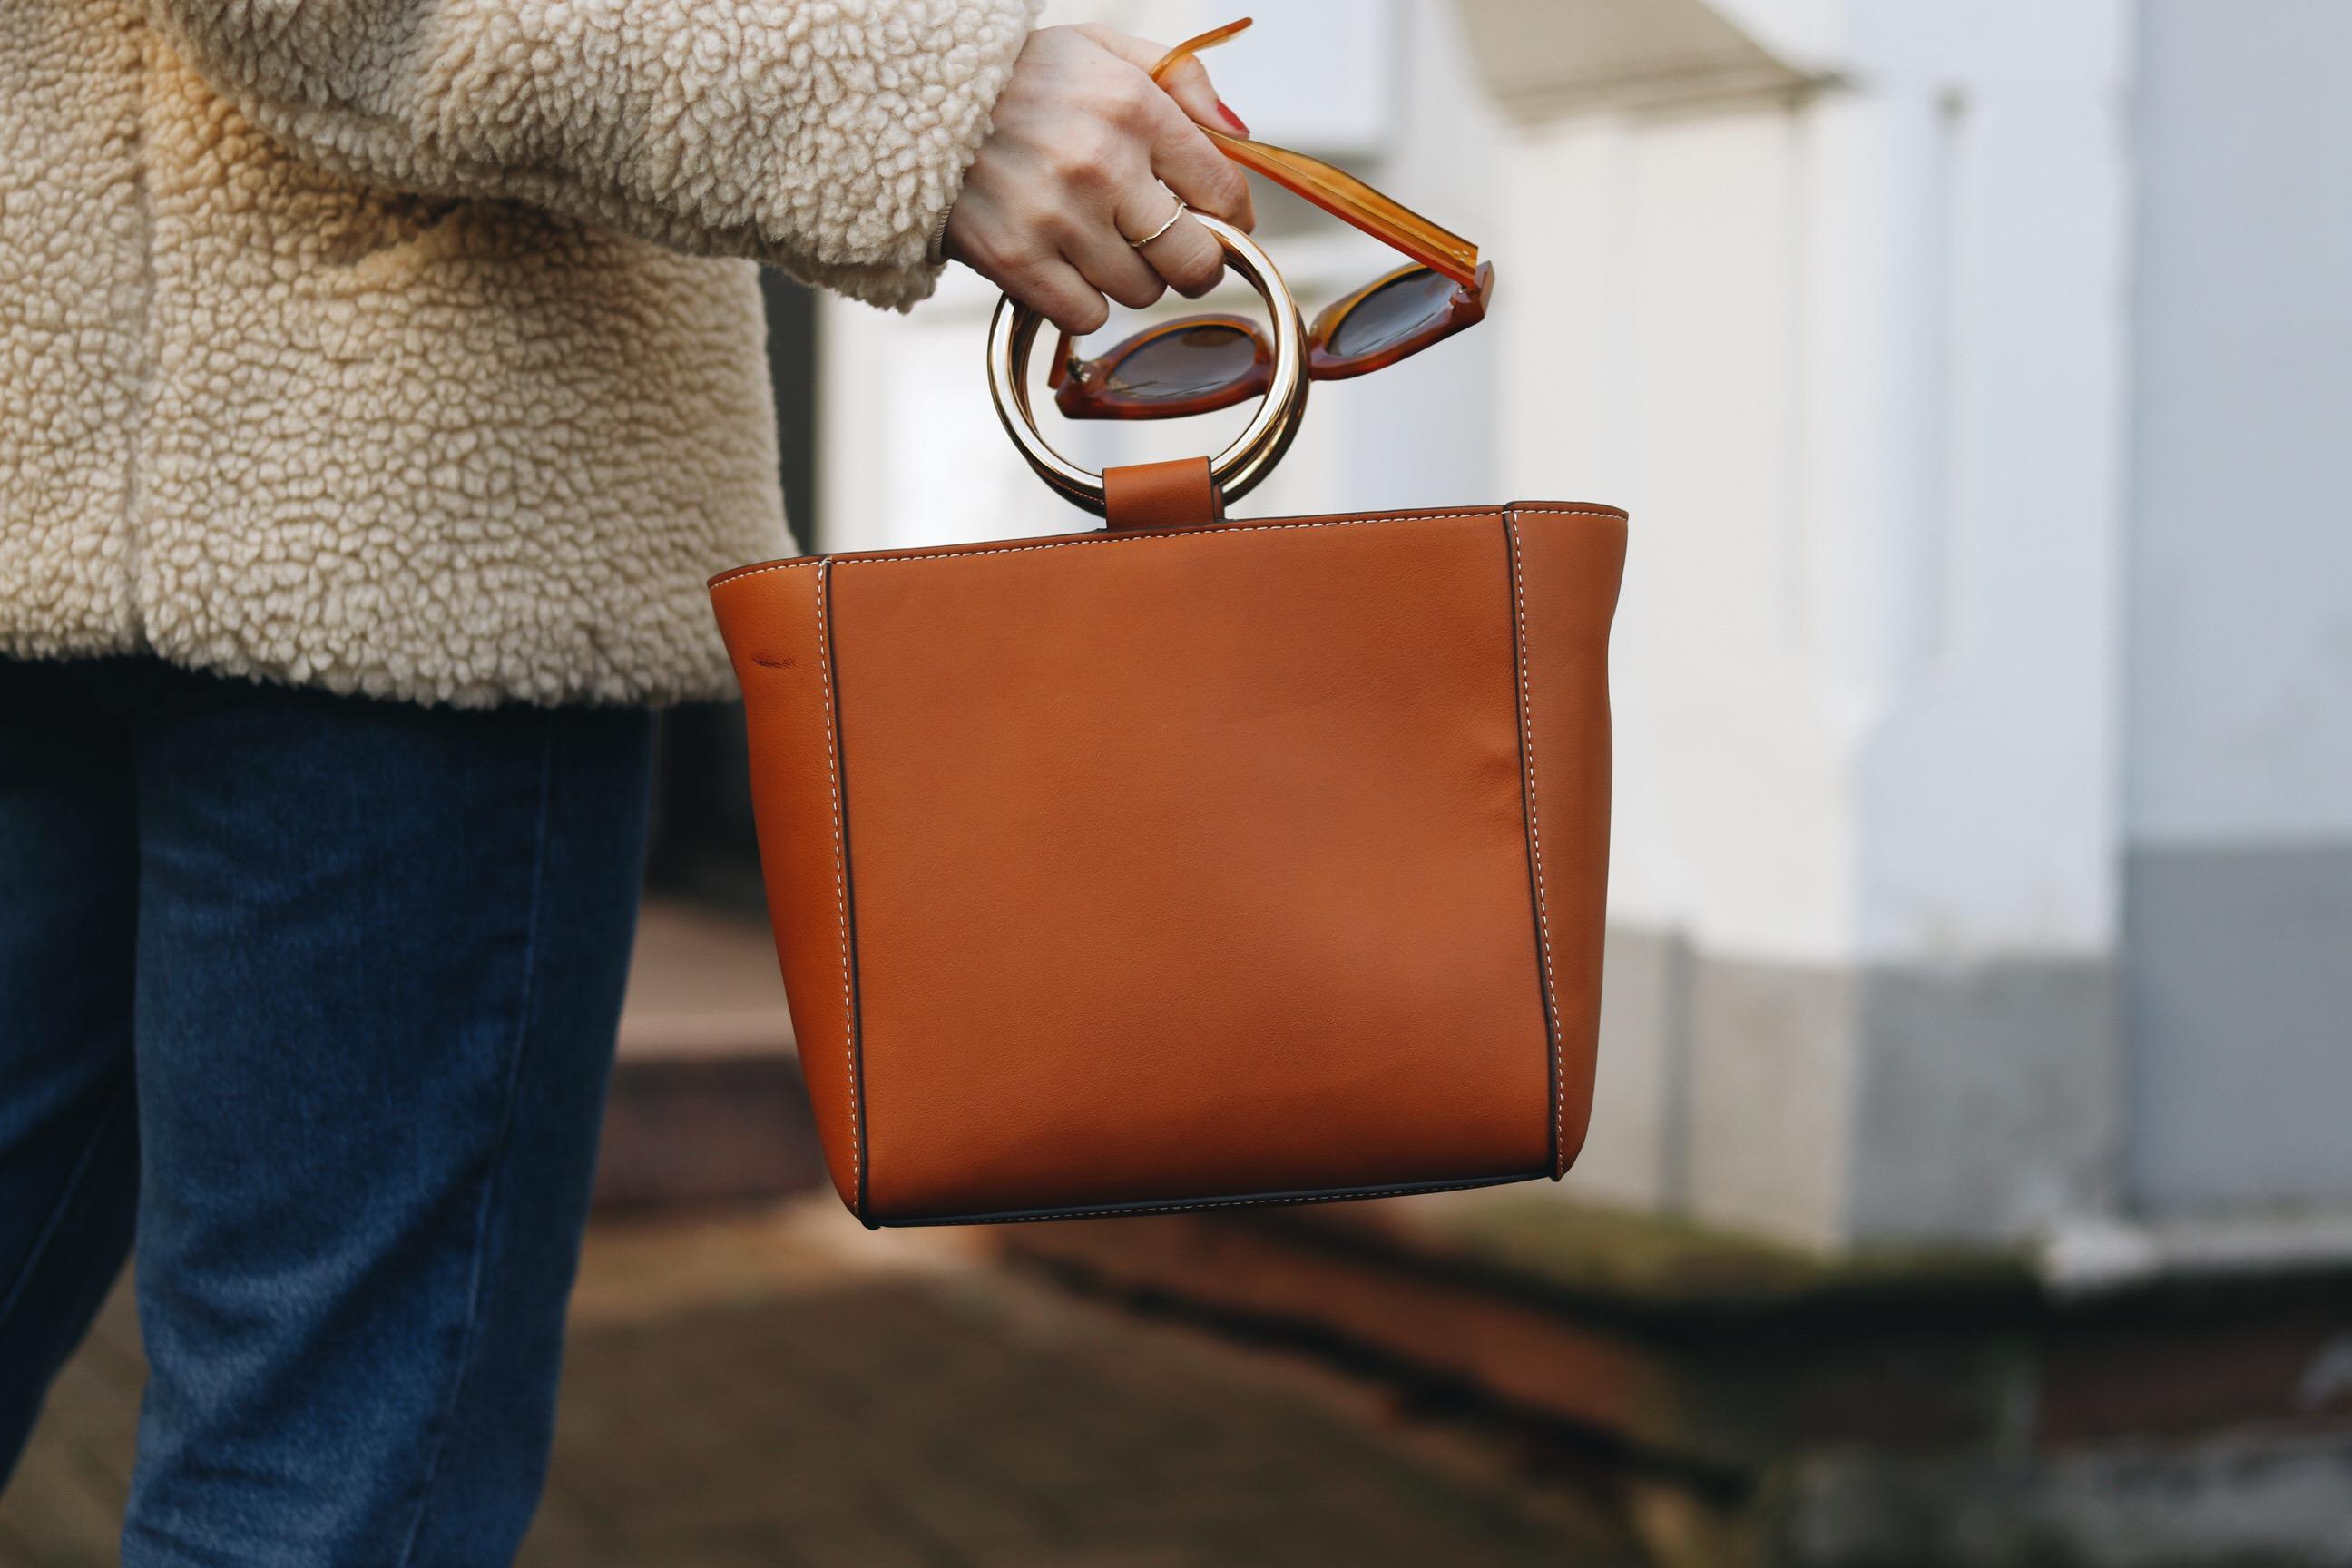 Ring Bag braun Henkeltasche Modetrend Taschentrends blog